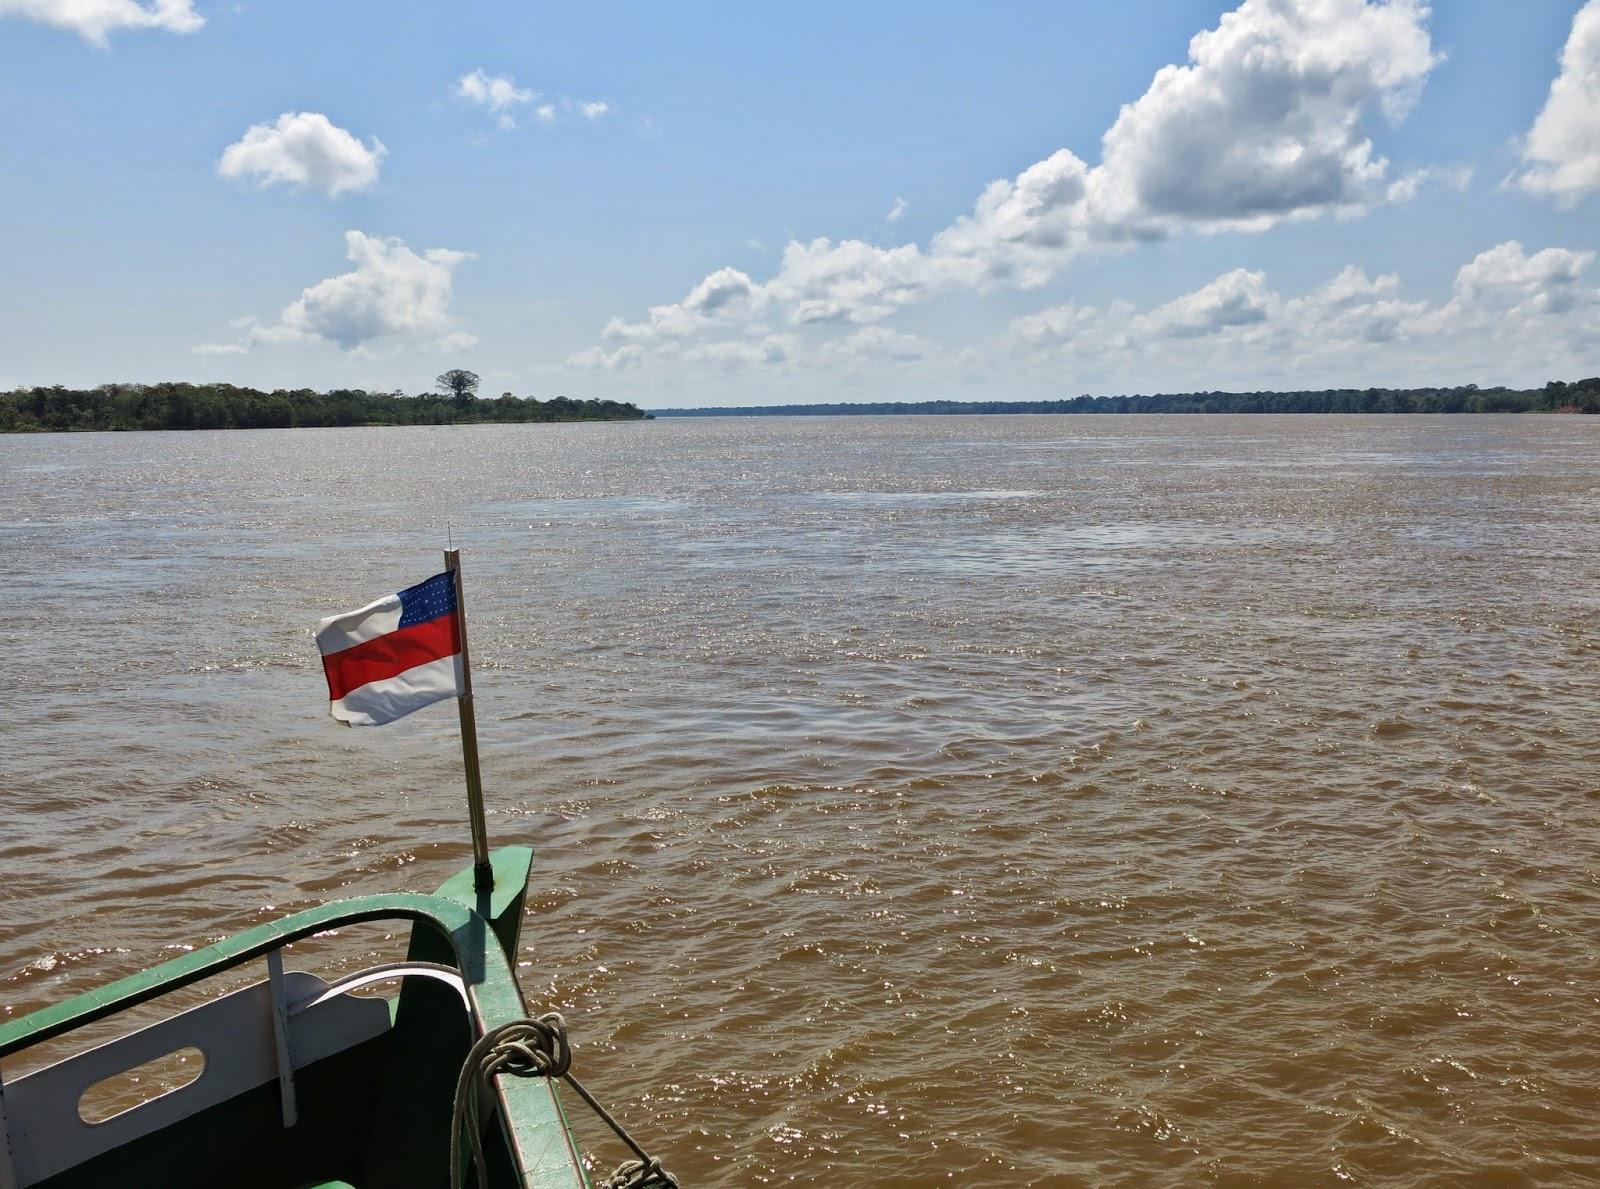 Viagem em barco comunitário, dormindo em redes, pelo Rio Solimões, entre Tefé e Manaus.